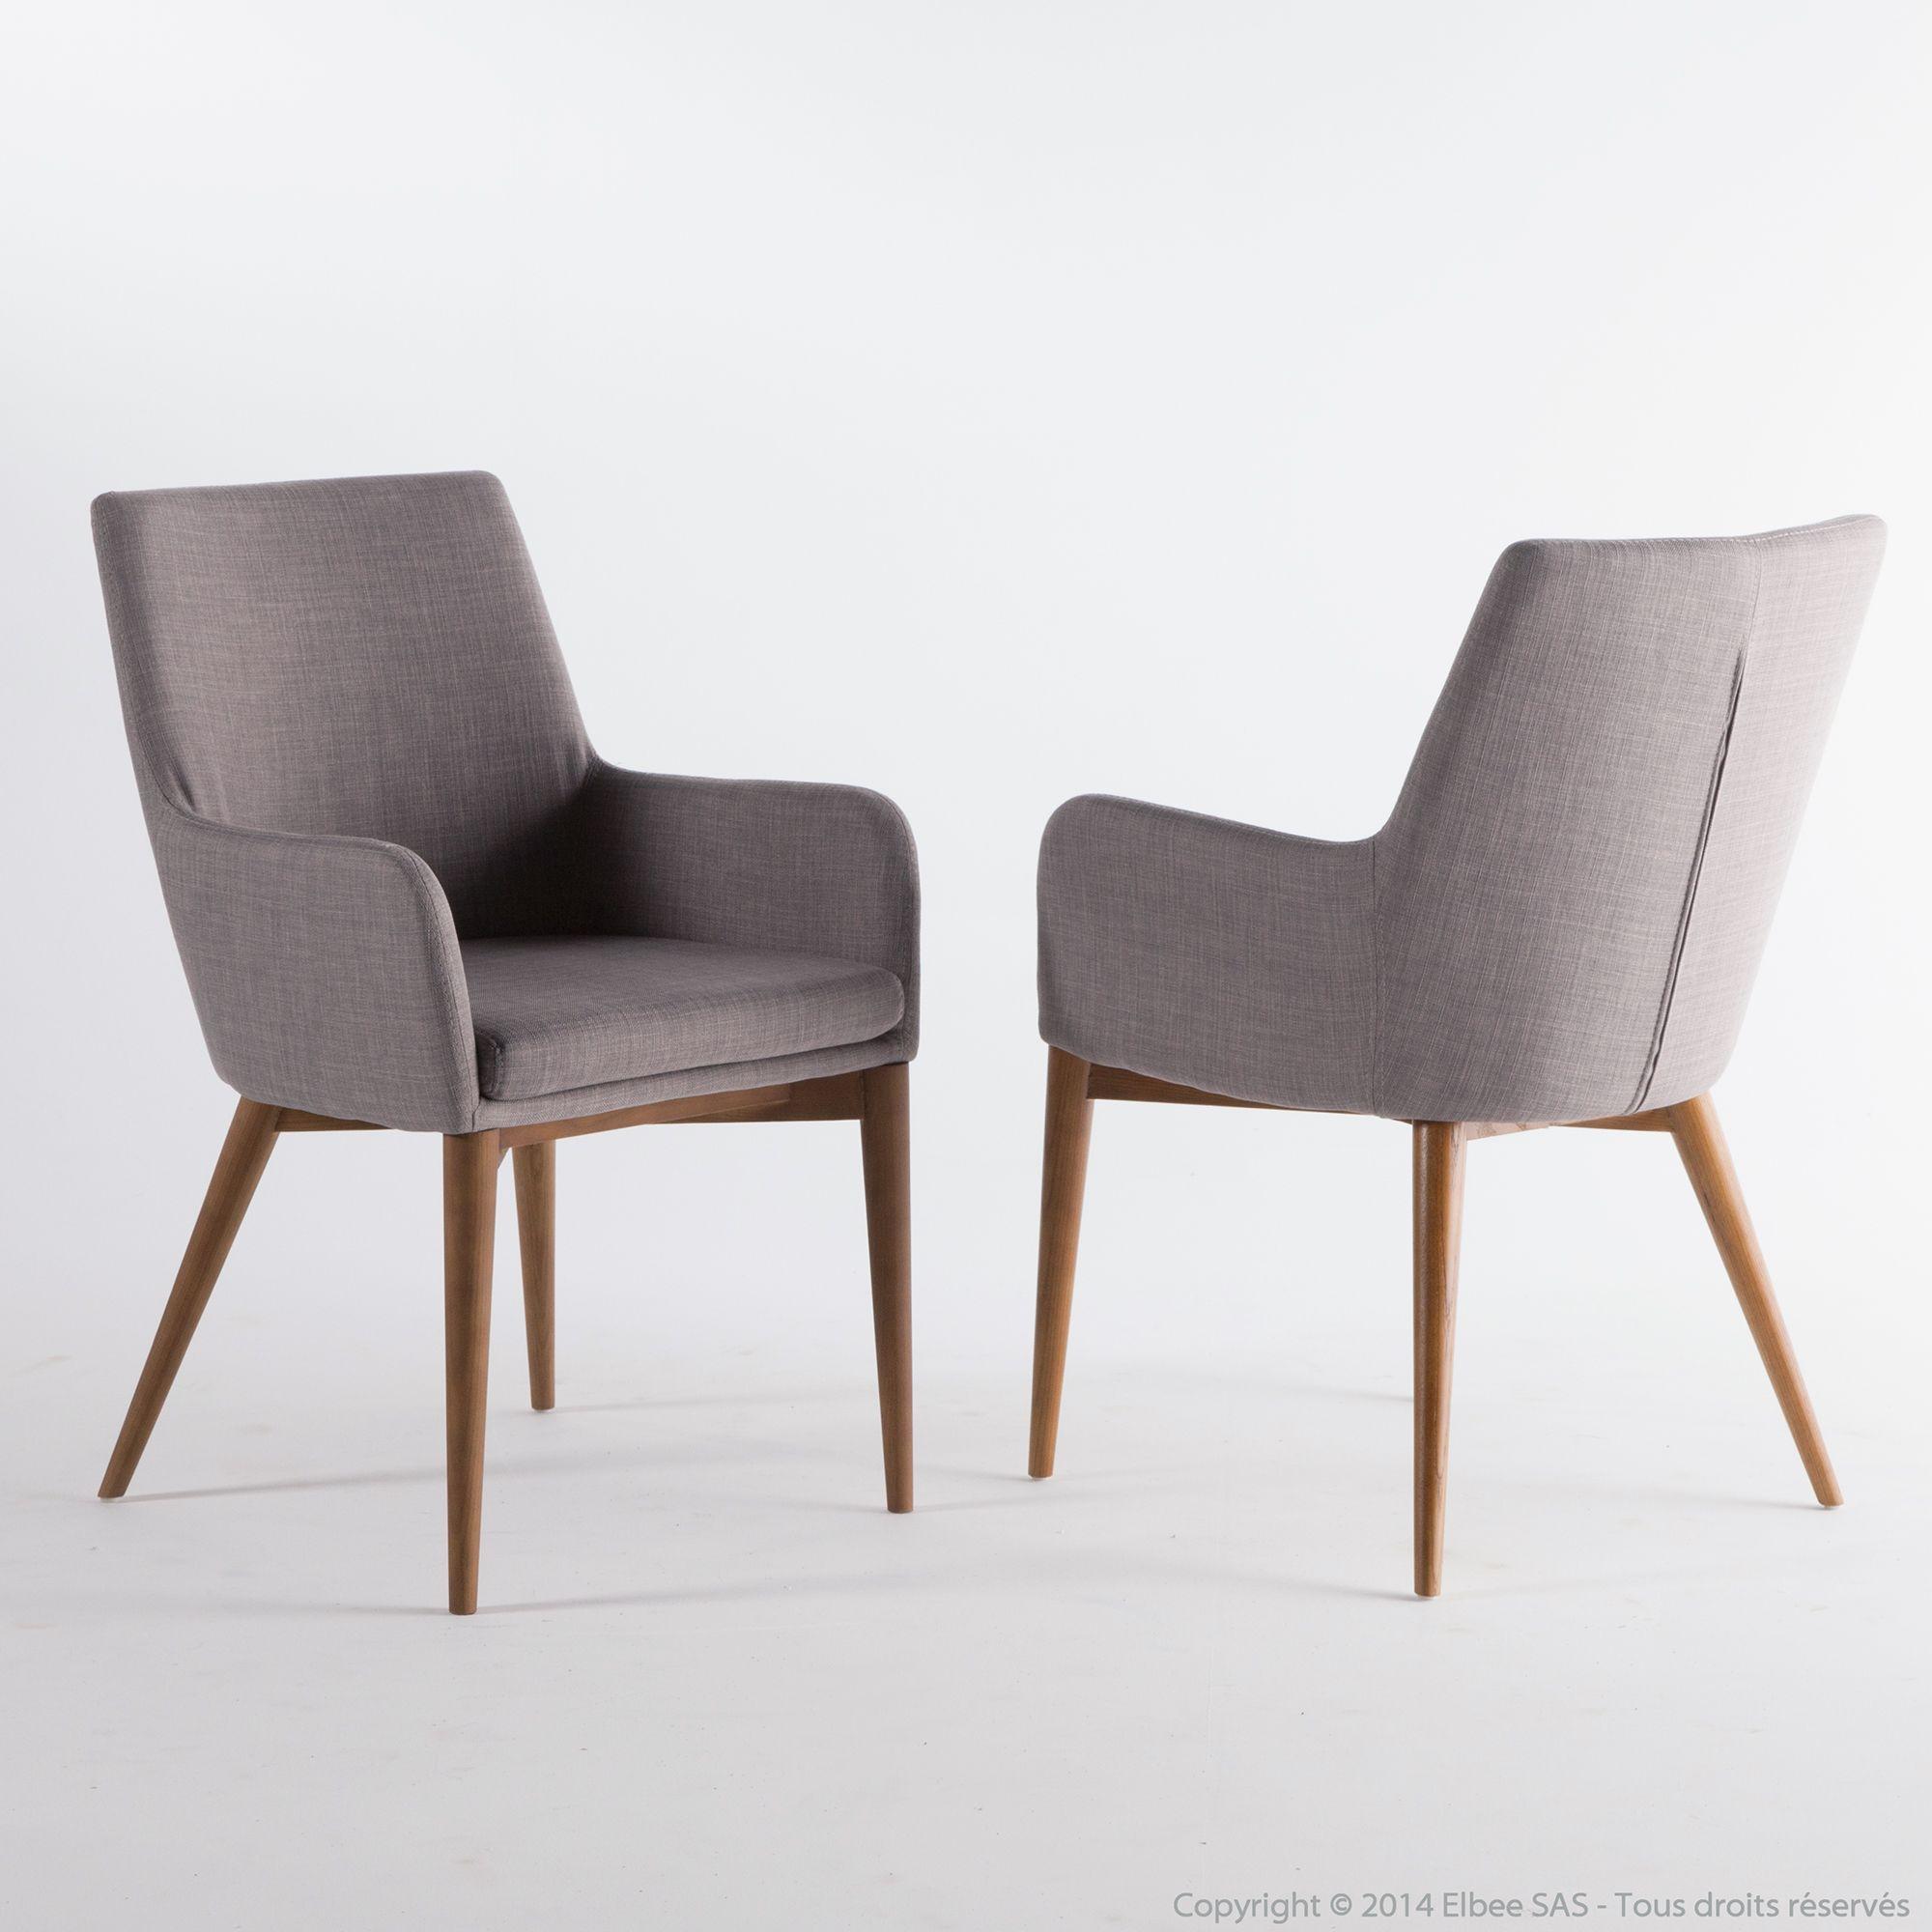 Fauteuil De Table Ikea Canape Palettes Fauteuil De Table Chaise Salle A Manger Chaise Accoudoir